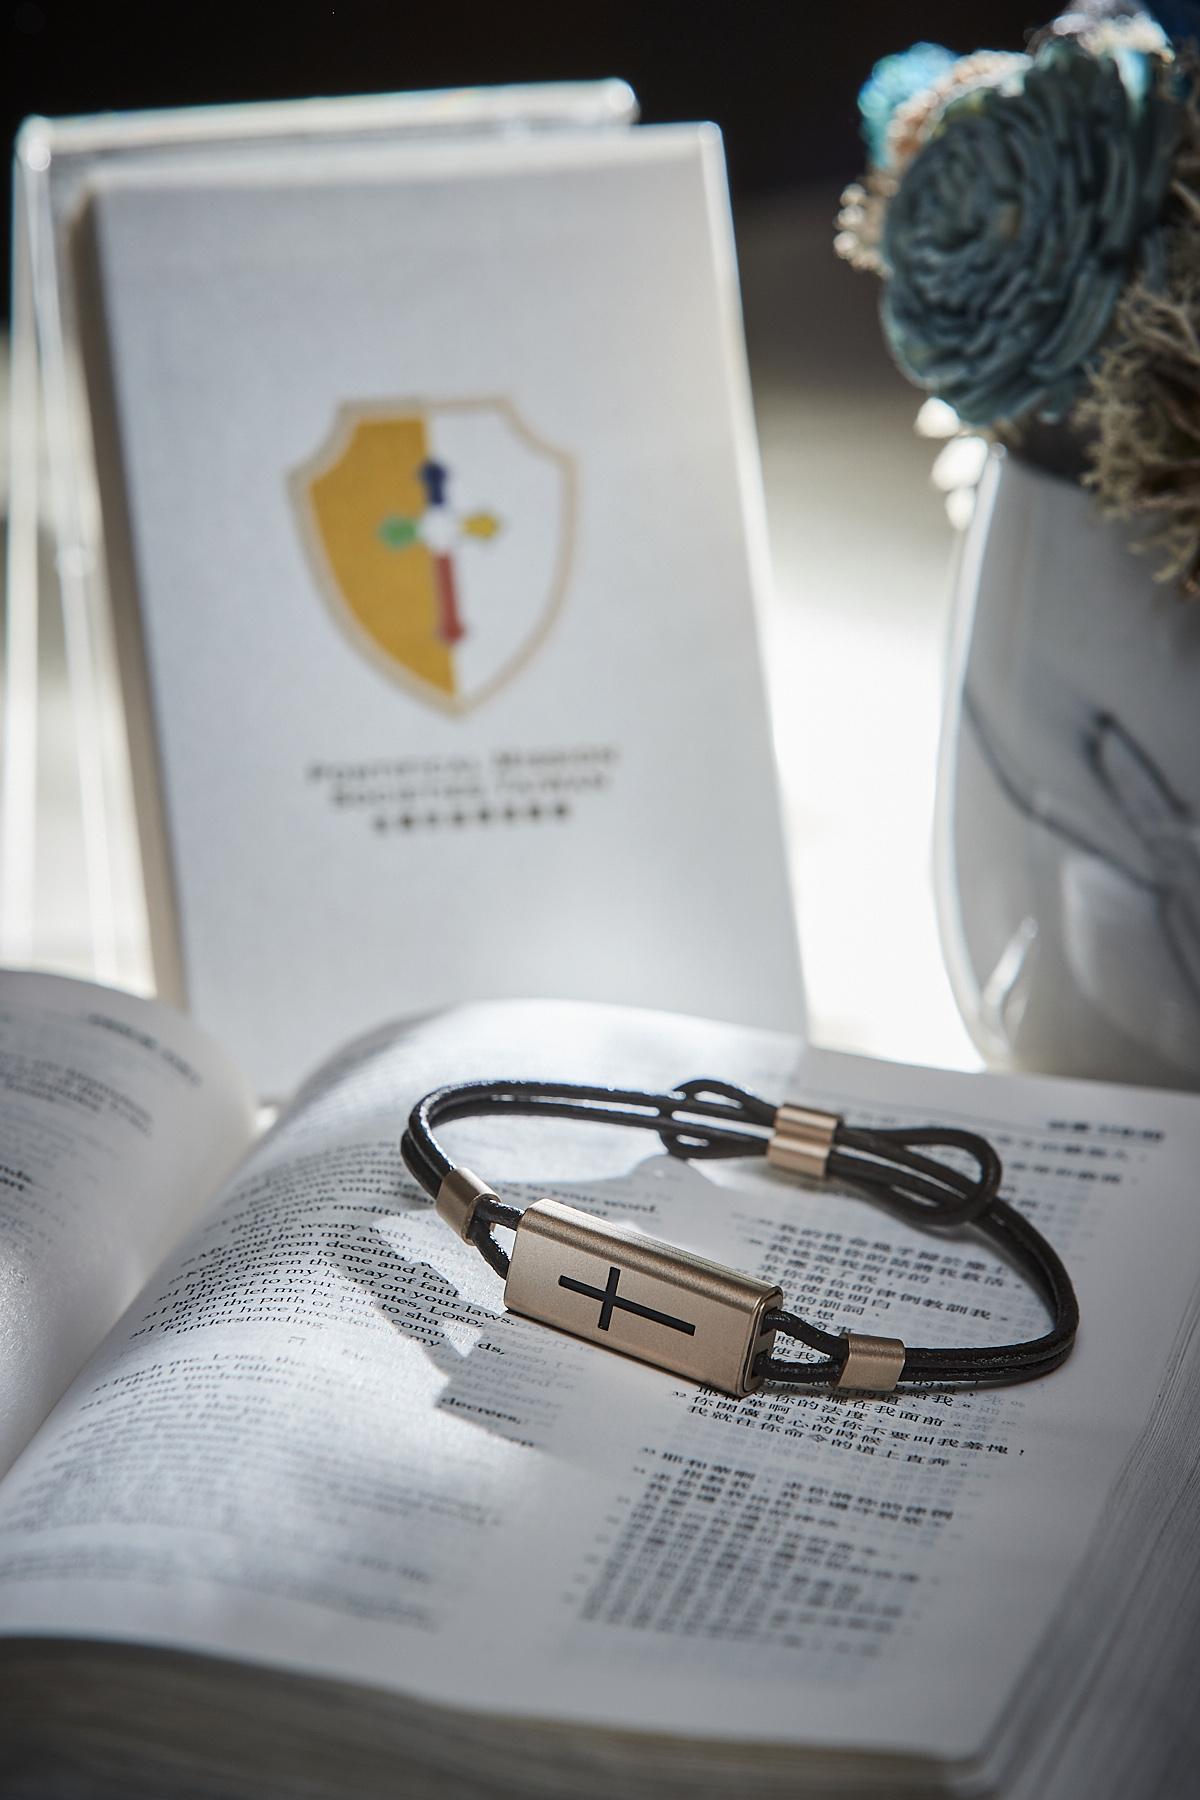 酷碁、一卡通及天主教宗座傳信善會三方跨界 發表「易付十字手鍊」搶攻穿戴裝置商機